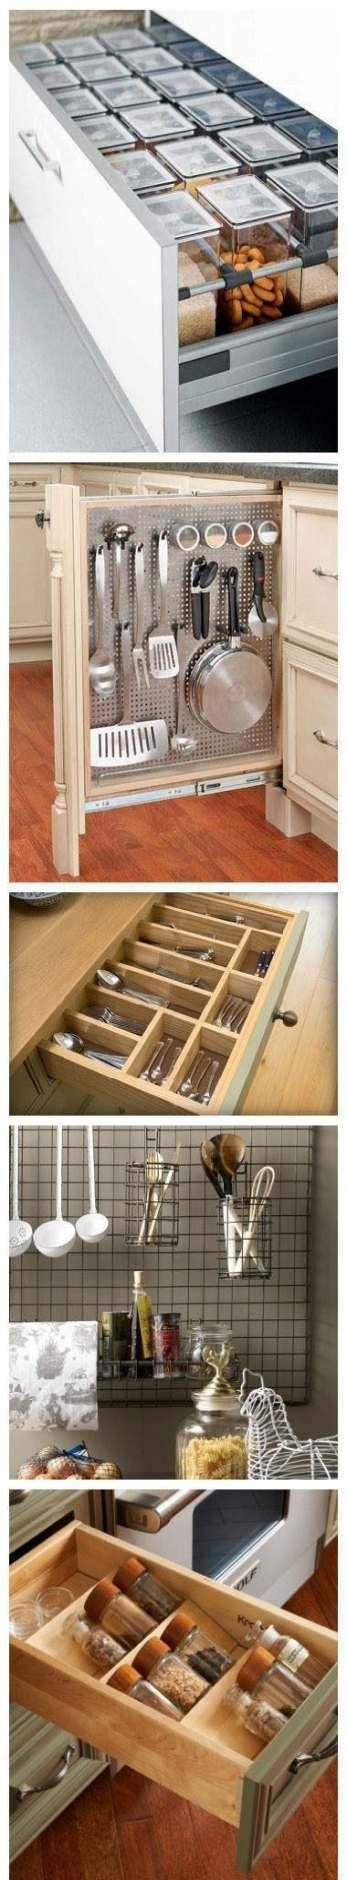 Best 45 Trendy Ideas For Kitchen Cabinets Organization Diy 400 x 300